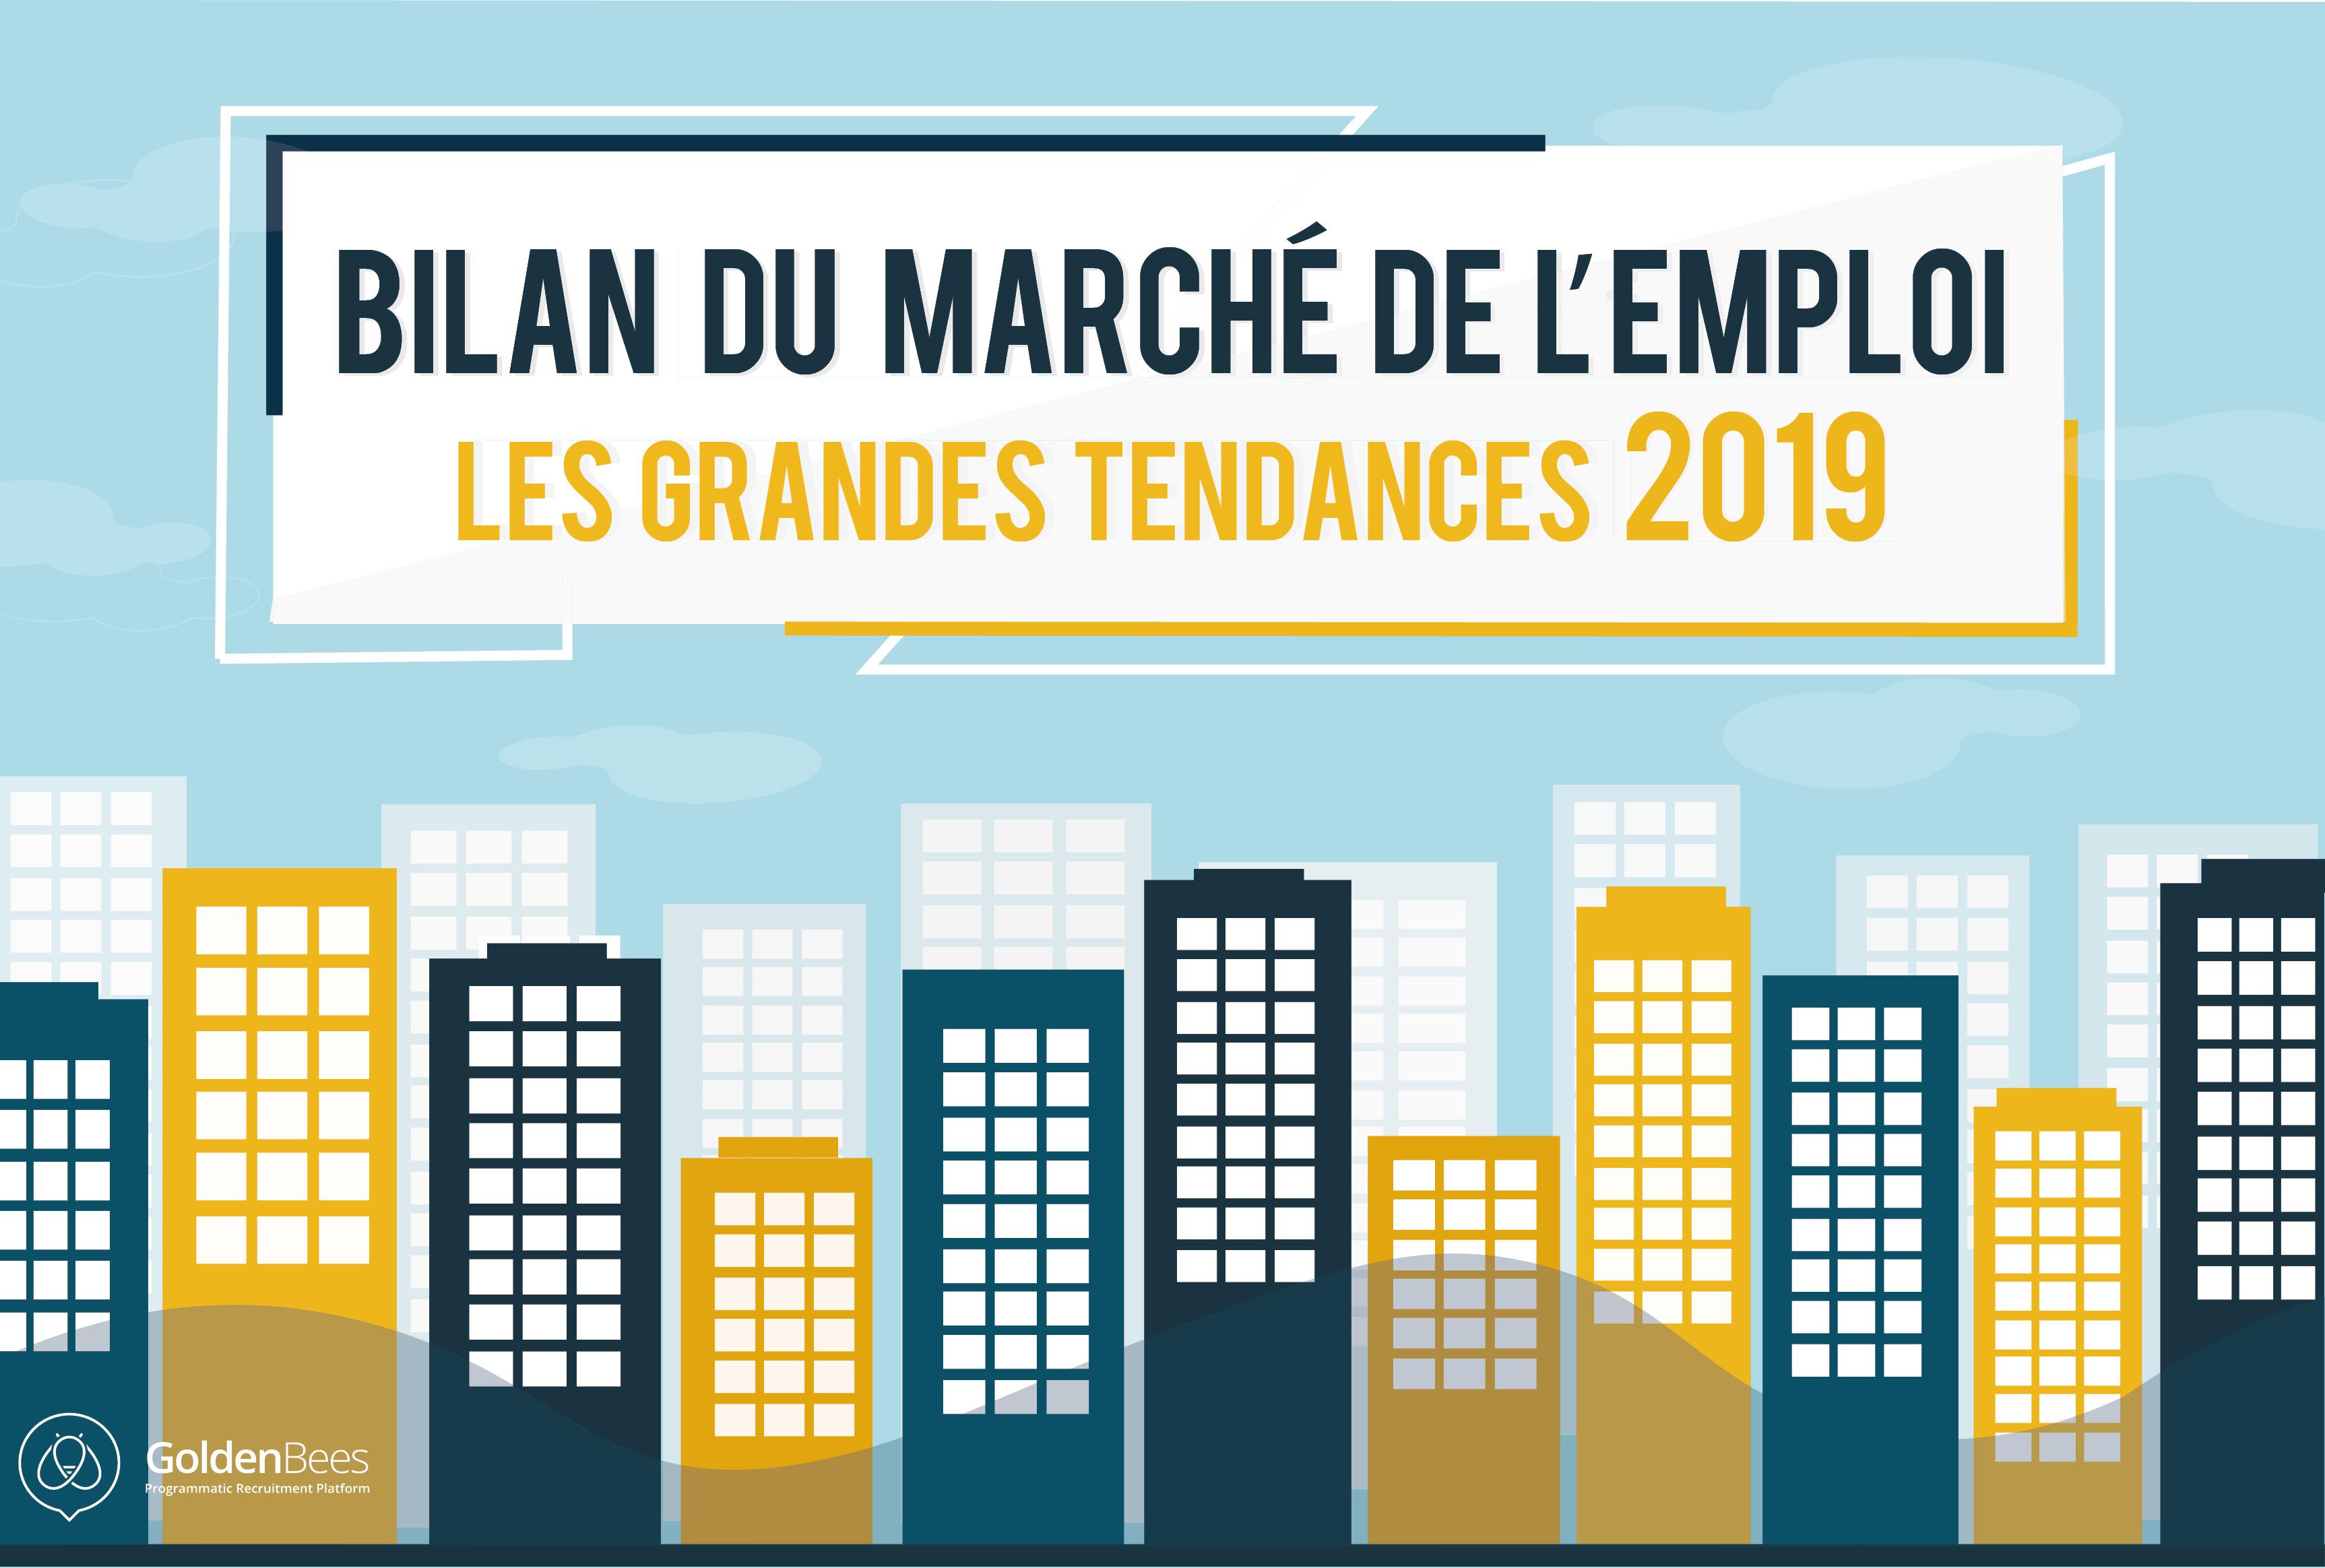 INFOGRAPHIE ETUDE MARCHE 2019 FRANCE